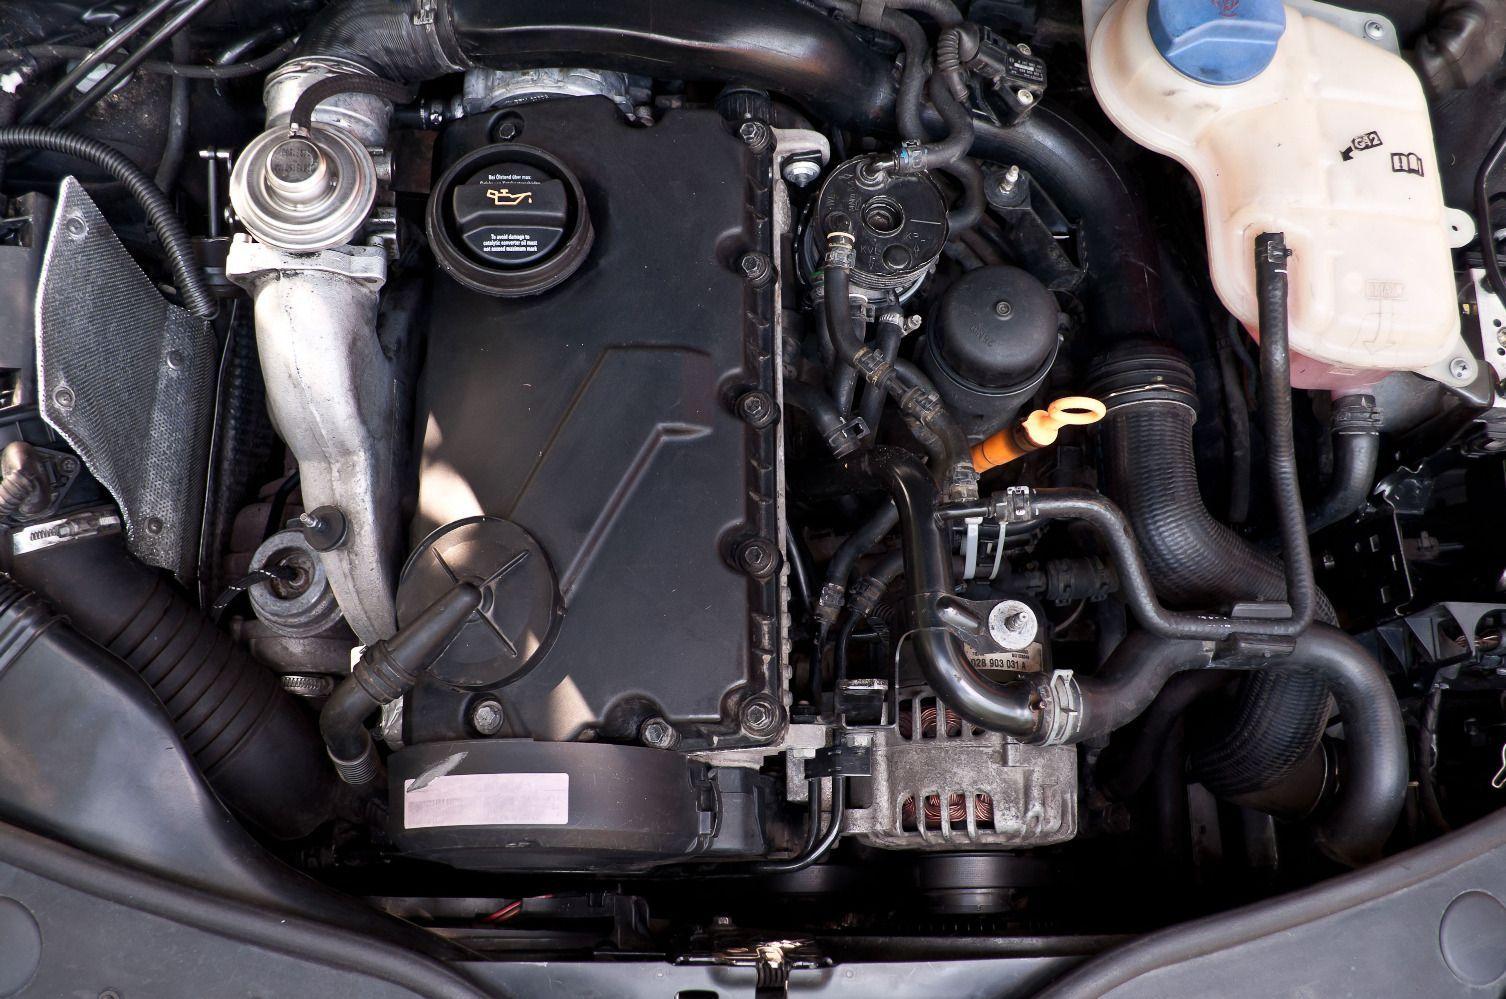 Черный дым при резком ускорении на VW Passat B7 с дизельным двигателем